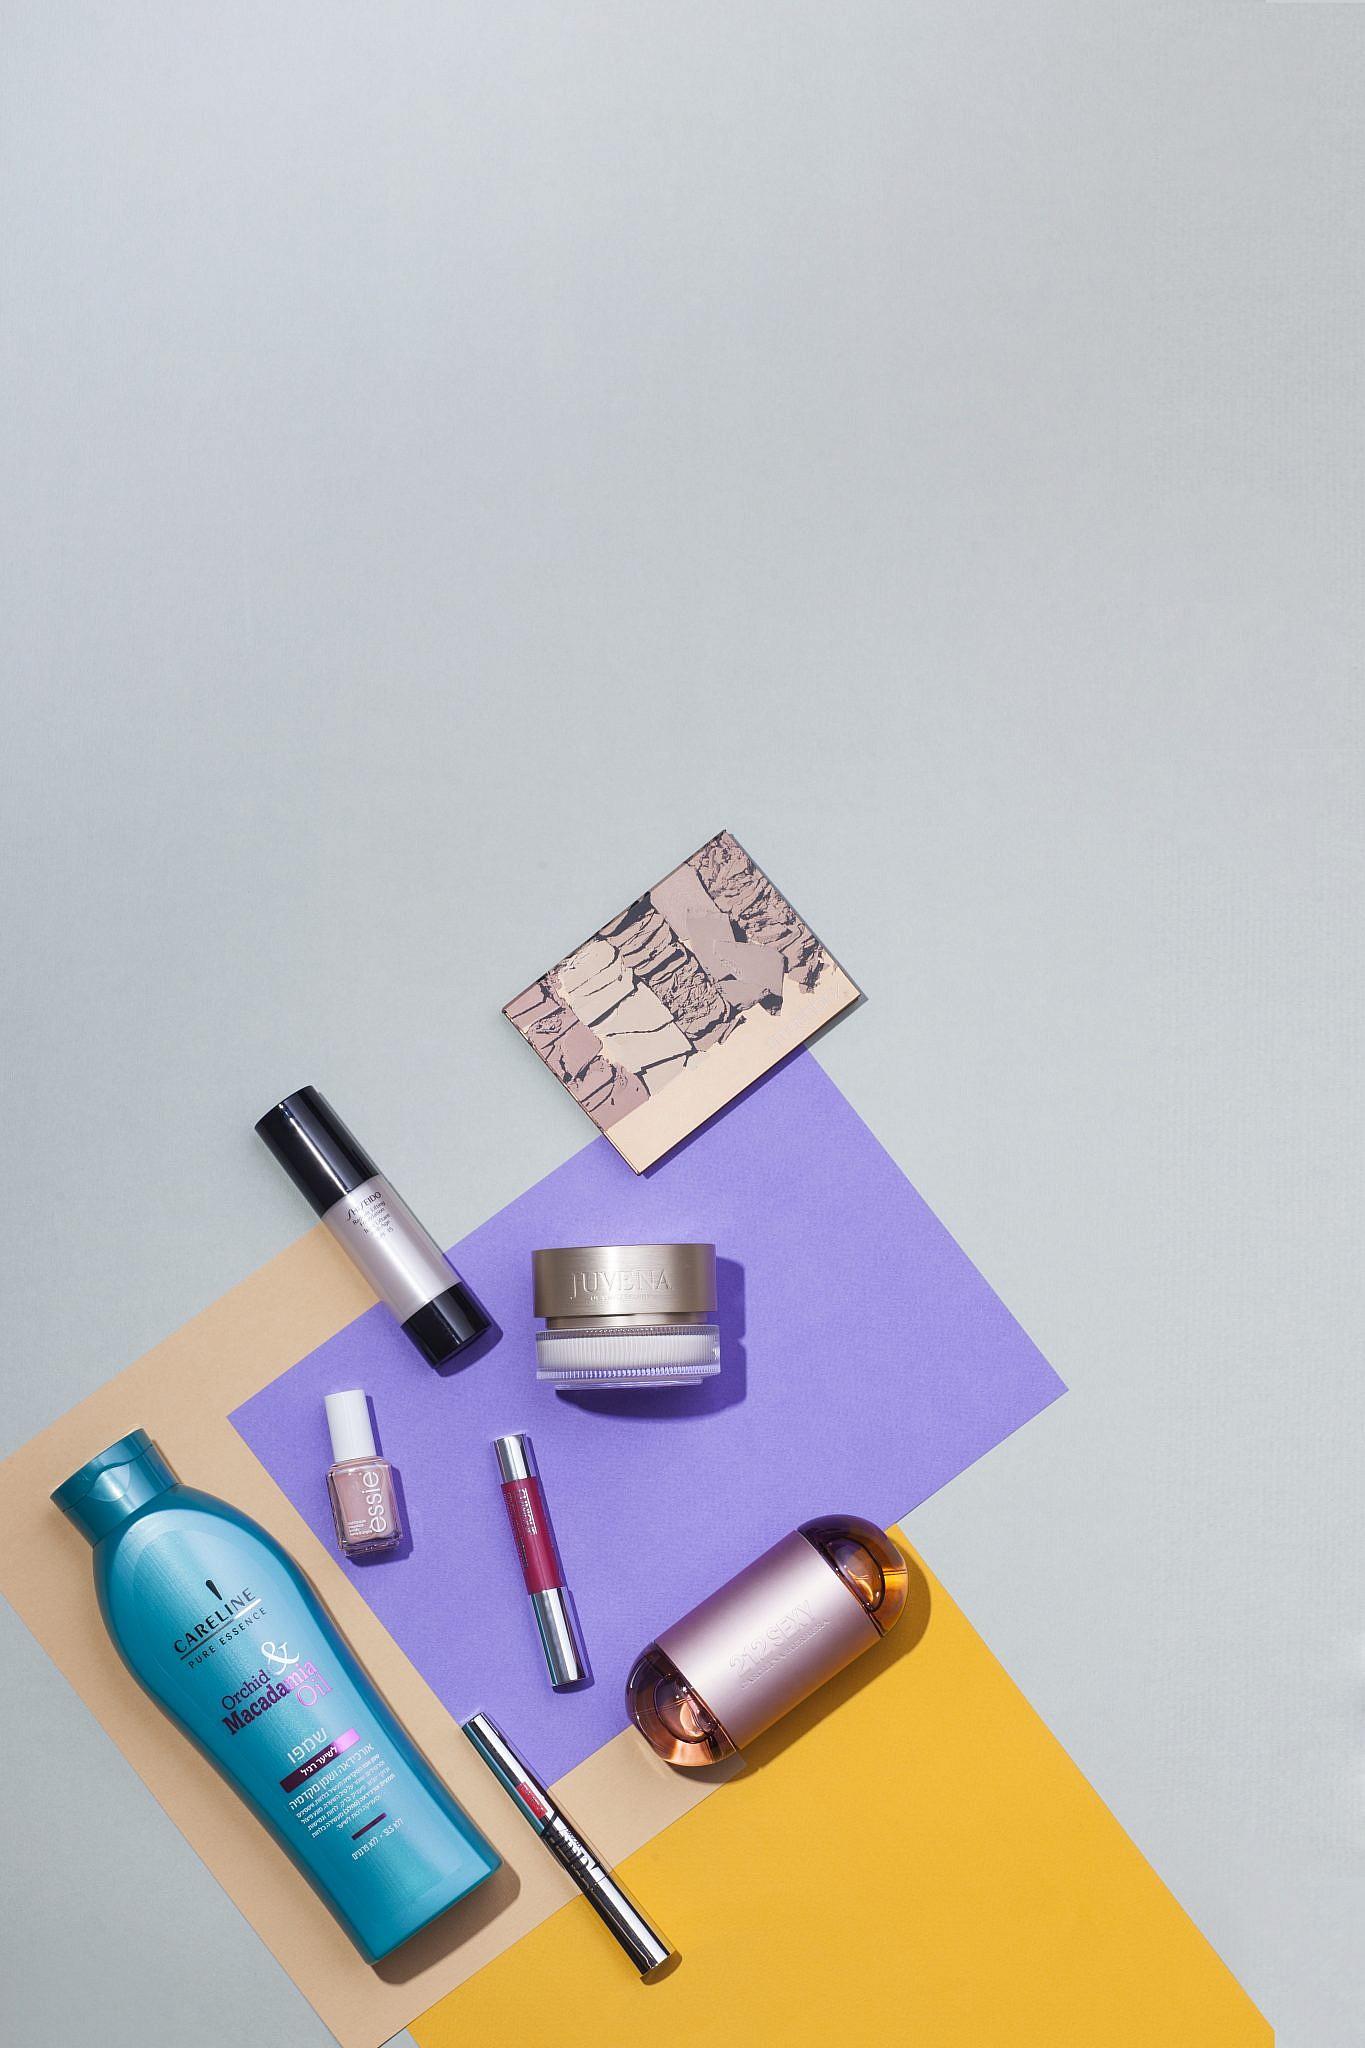 מוצרי הטיפוח והאיפור של מלי לוי | צילום: רן גולני